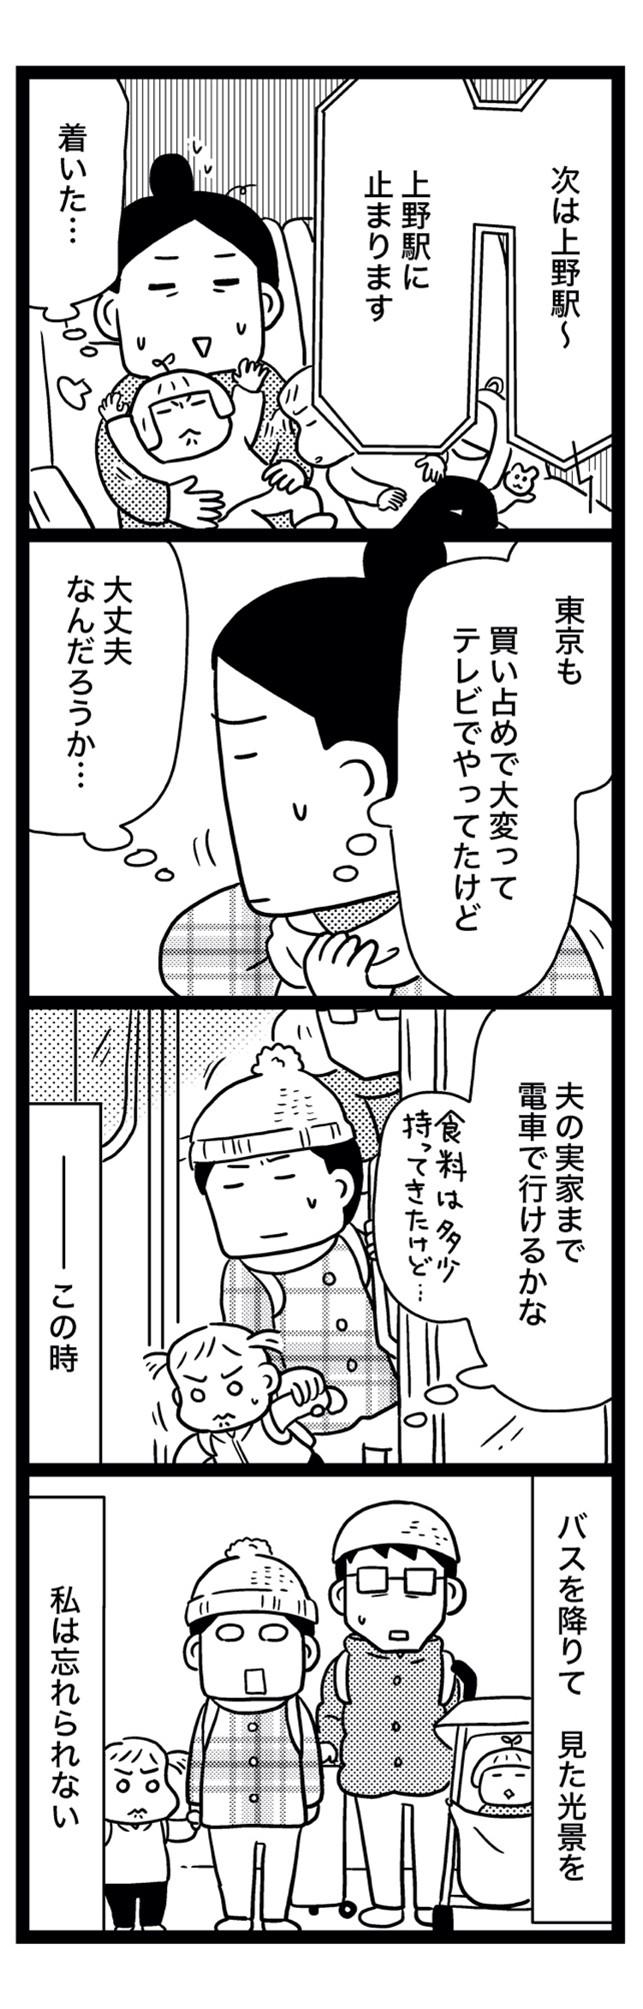 sinsai5-7